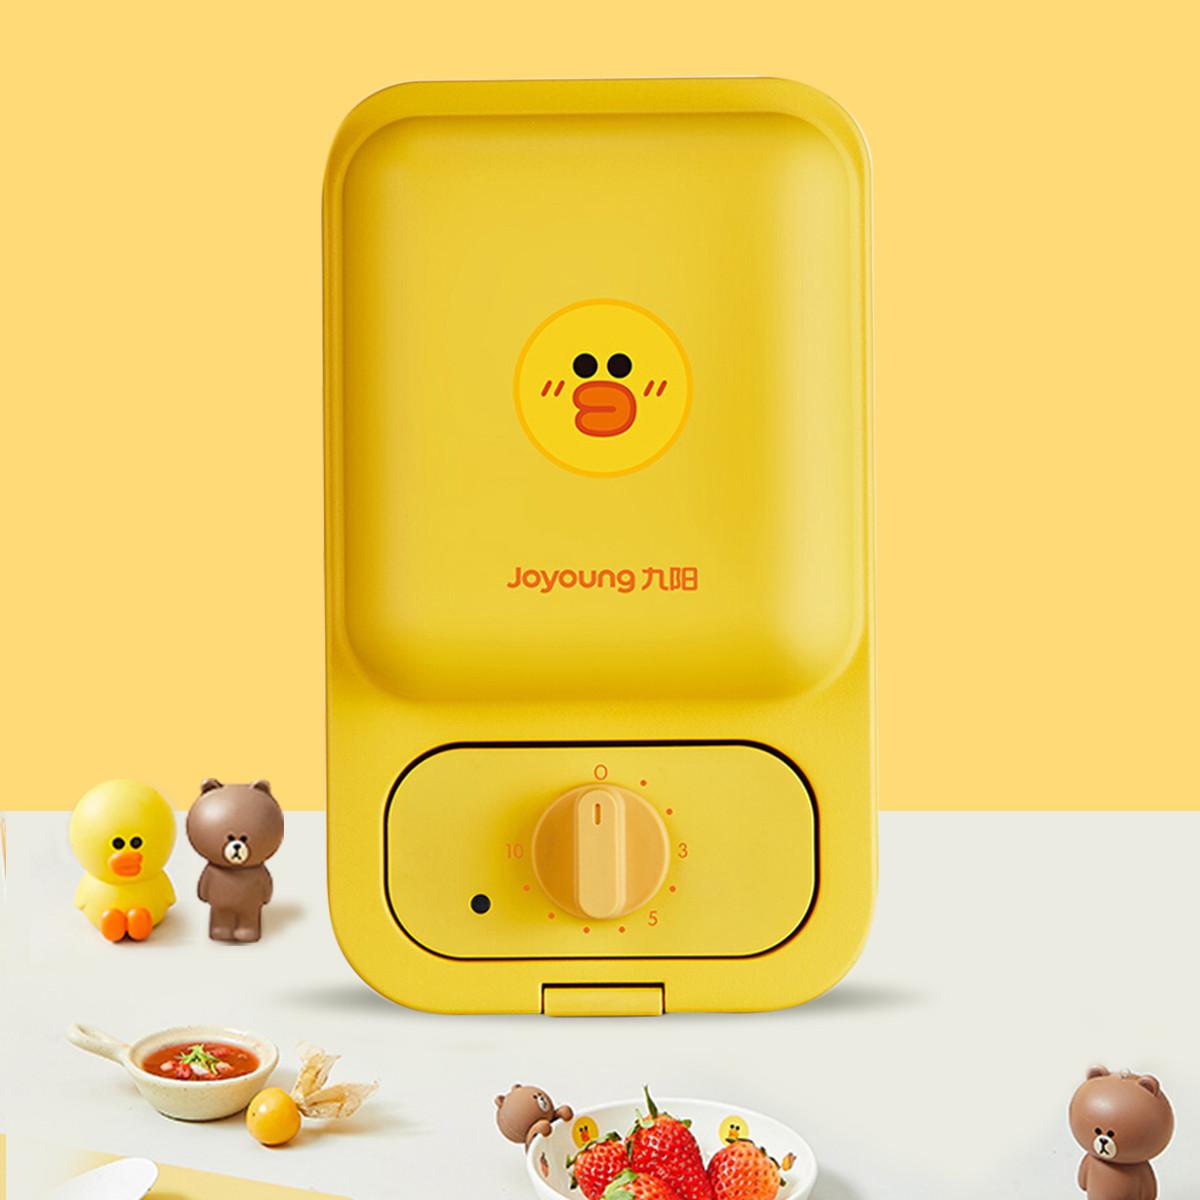 【七夕礼物】三明治早餐机多功能电饼铛家用烤饼机三明治机